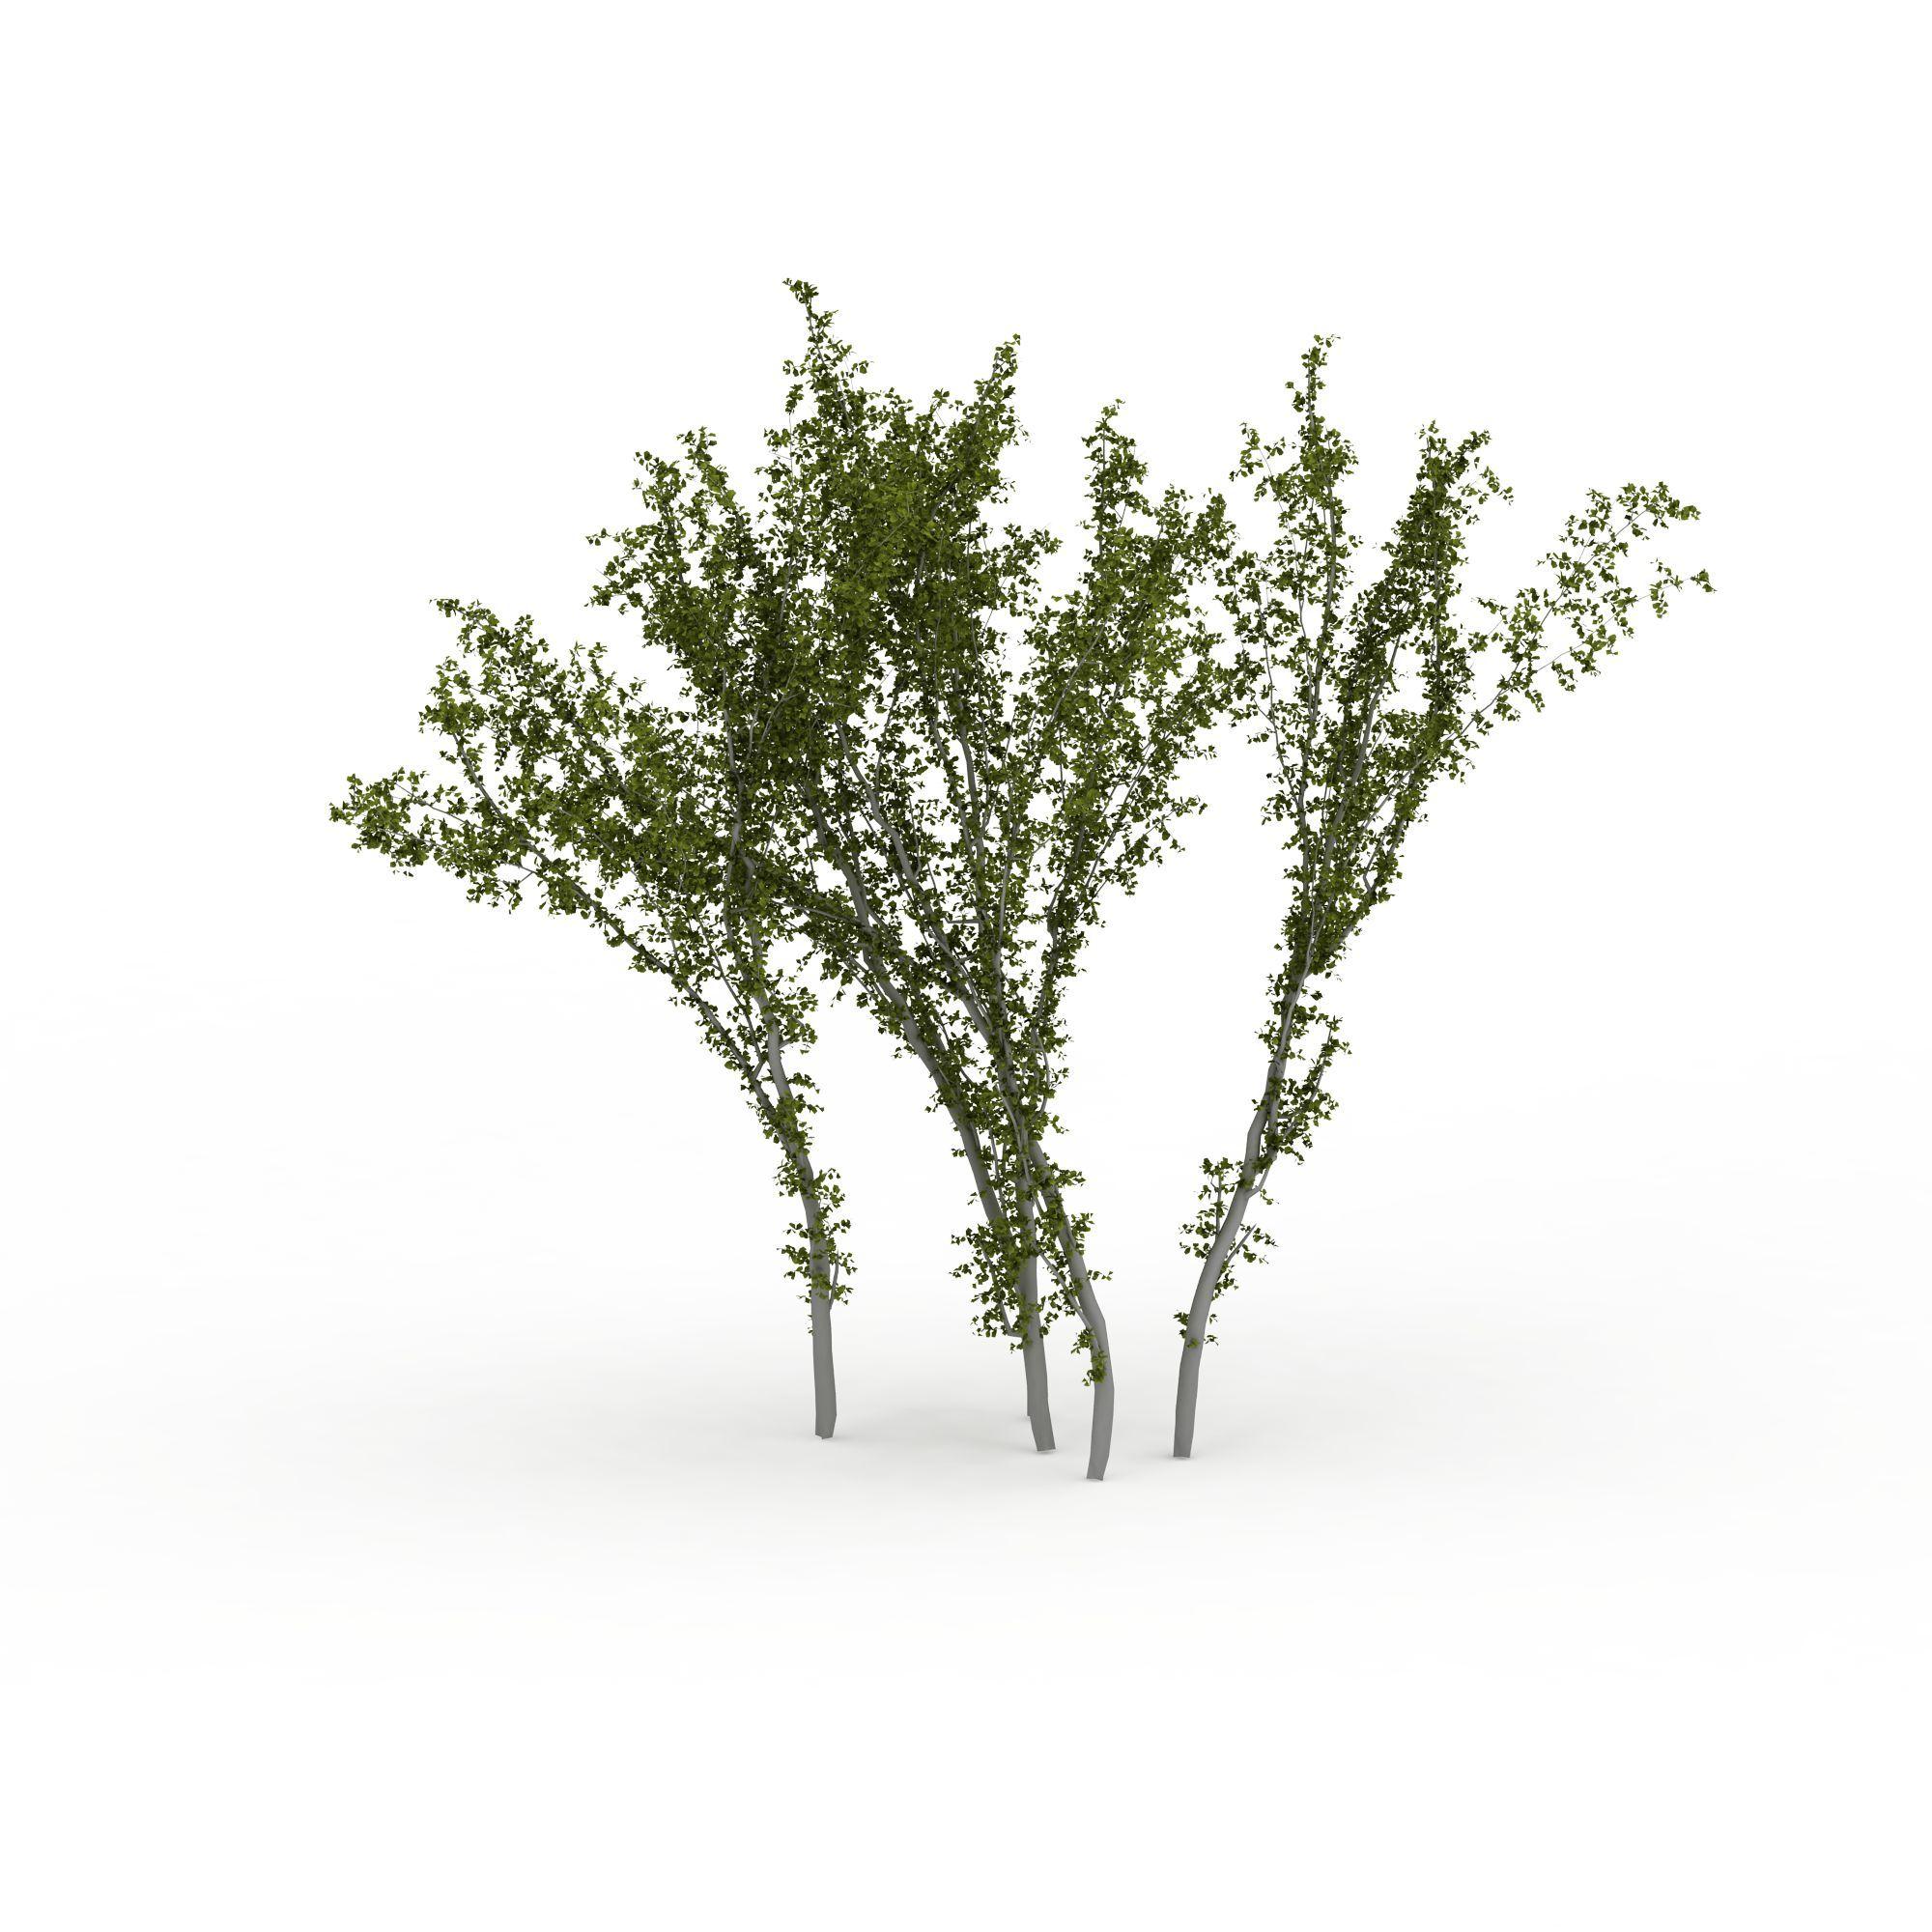 植物 树 小树林3d模型 小树林png高清图  小树林高清图详情 设计师 3d